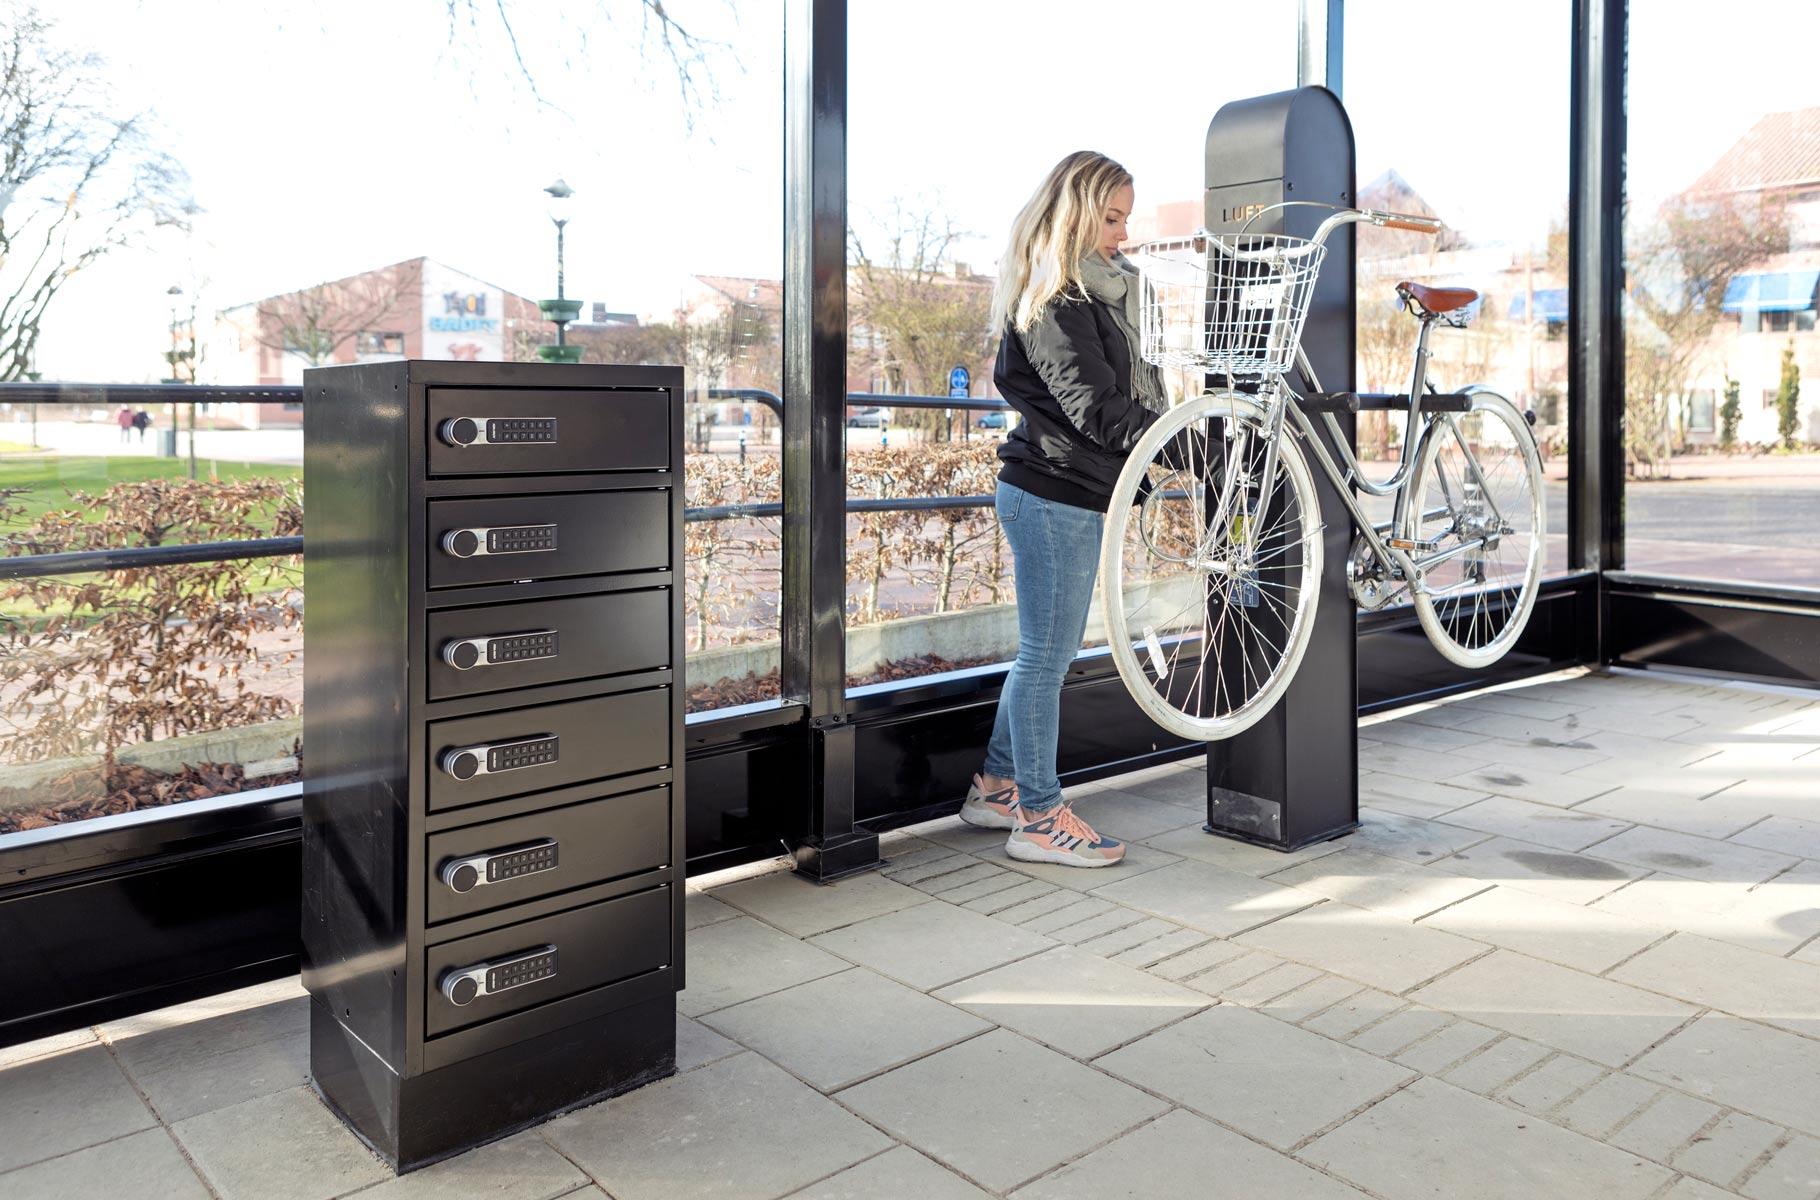 Cykelservicestation och laddskåp för elcyklar